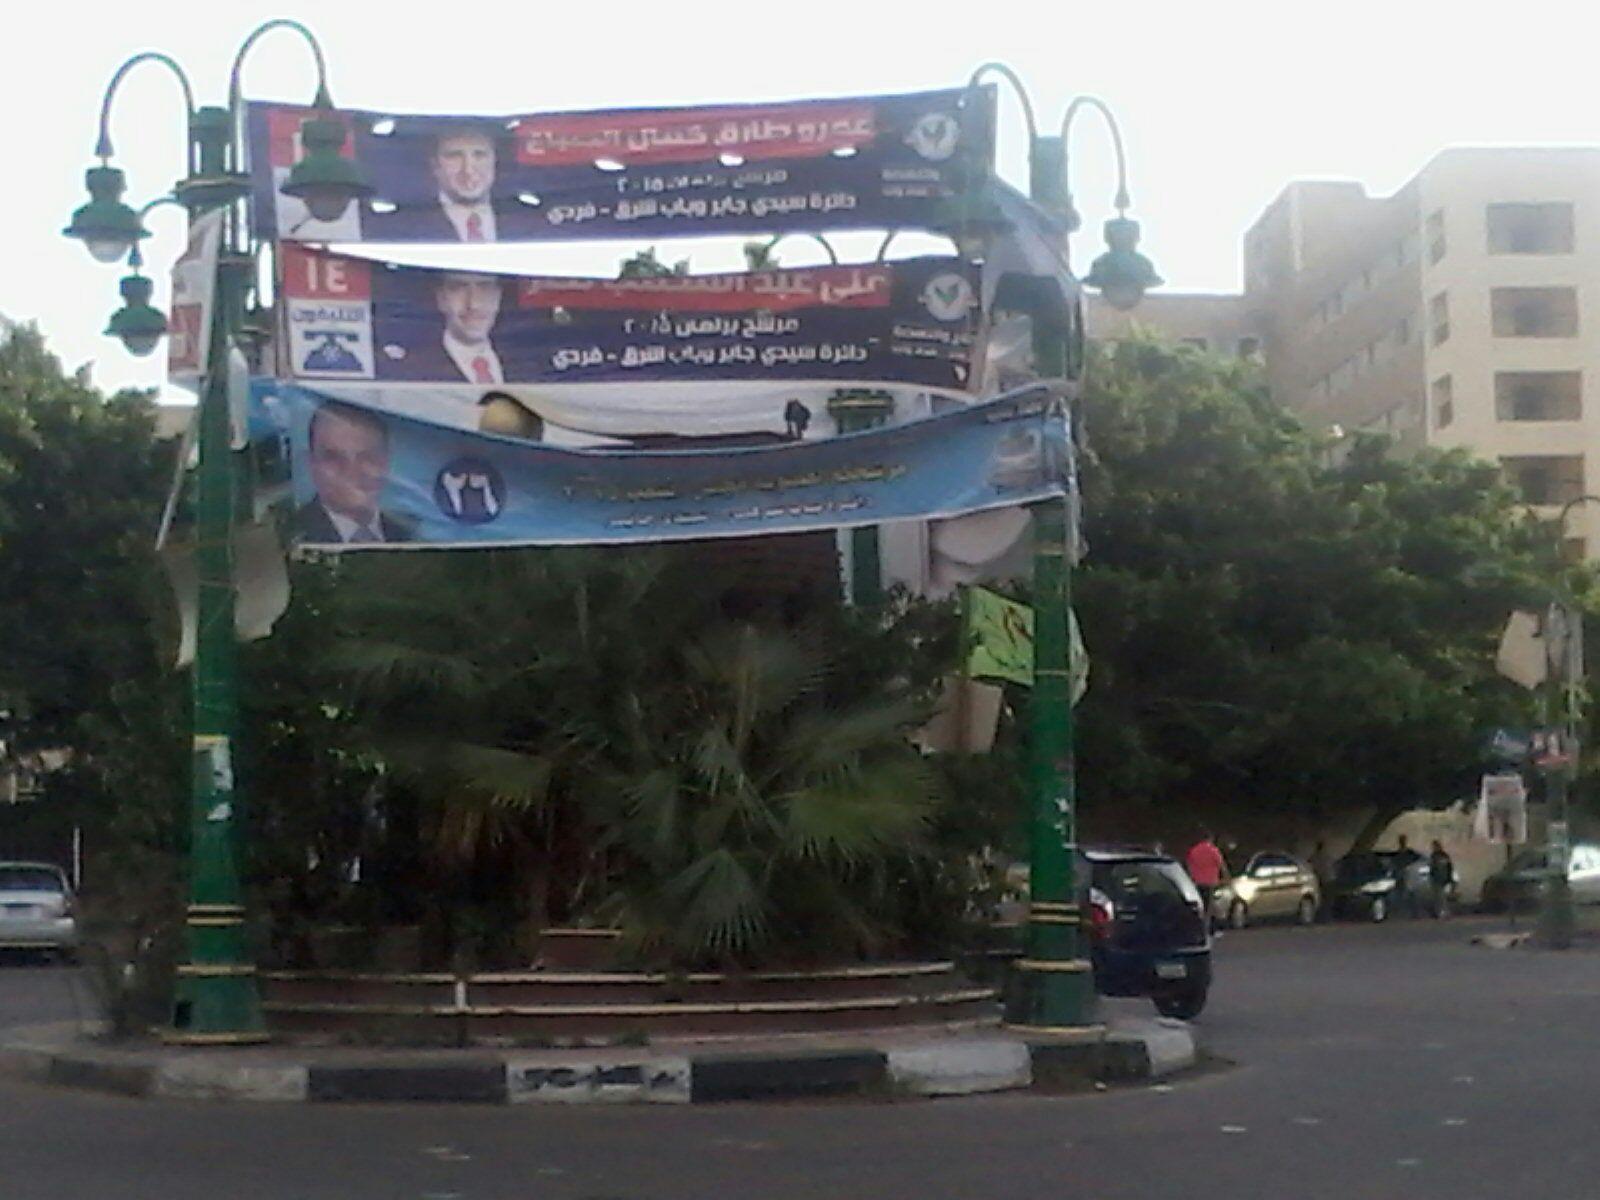 بالصور.. أجواء انتخابات دائرة سيدي جابر بالإسكندرية.. دعاية أمام اللجان وتأمين كثيف